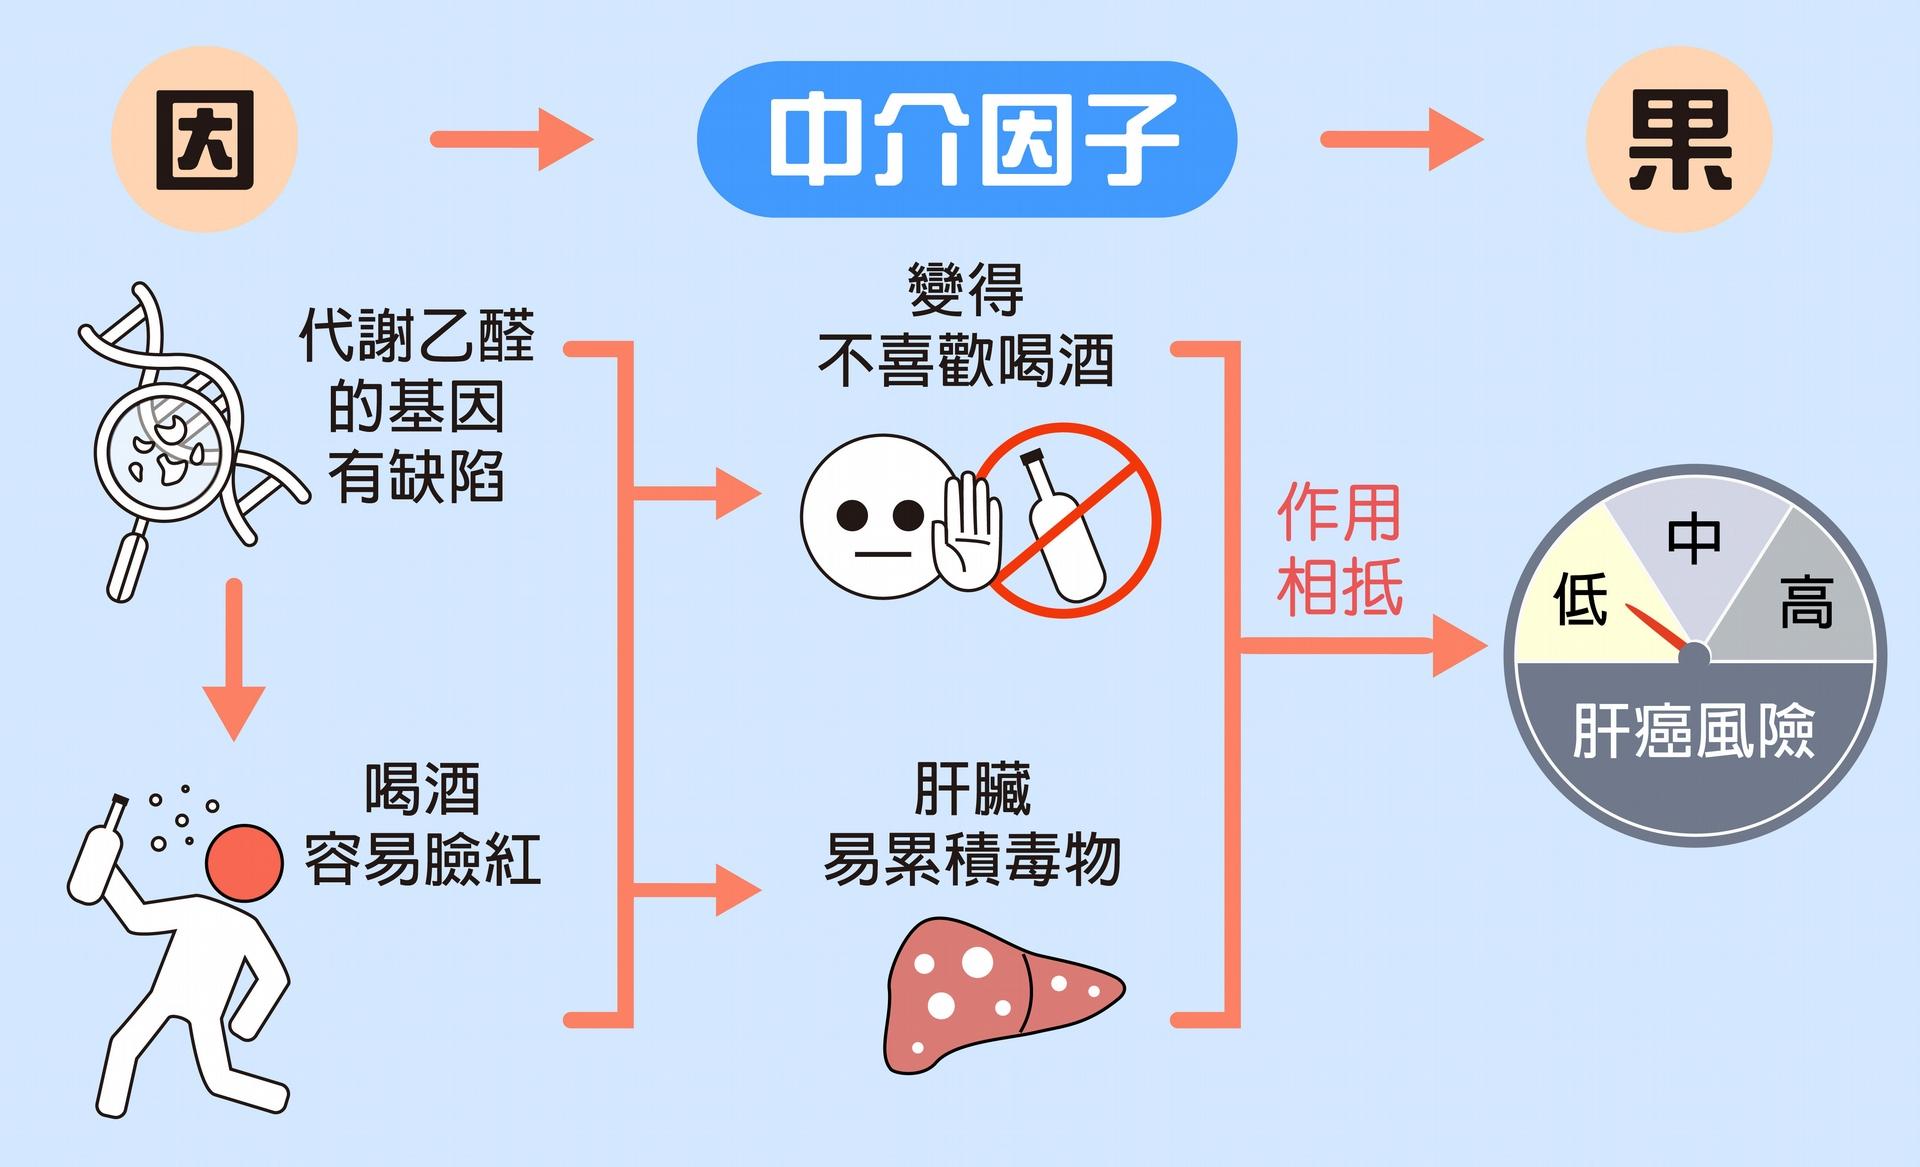 代謝乙醛的基因有缺陷,會造成人們不喜歡喝酒(間接作用),但肝臟也會容易累積毒物(直接作用)。兩個作用相抵,對於肝臟其實不會造成顯著的罹癌風險。(編註:2019/3/19 將甲醛更正為乙醛) 圖說設計│林婷嫻、林洵安